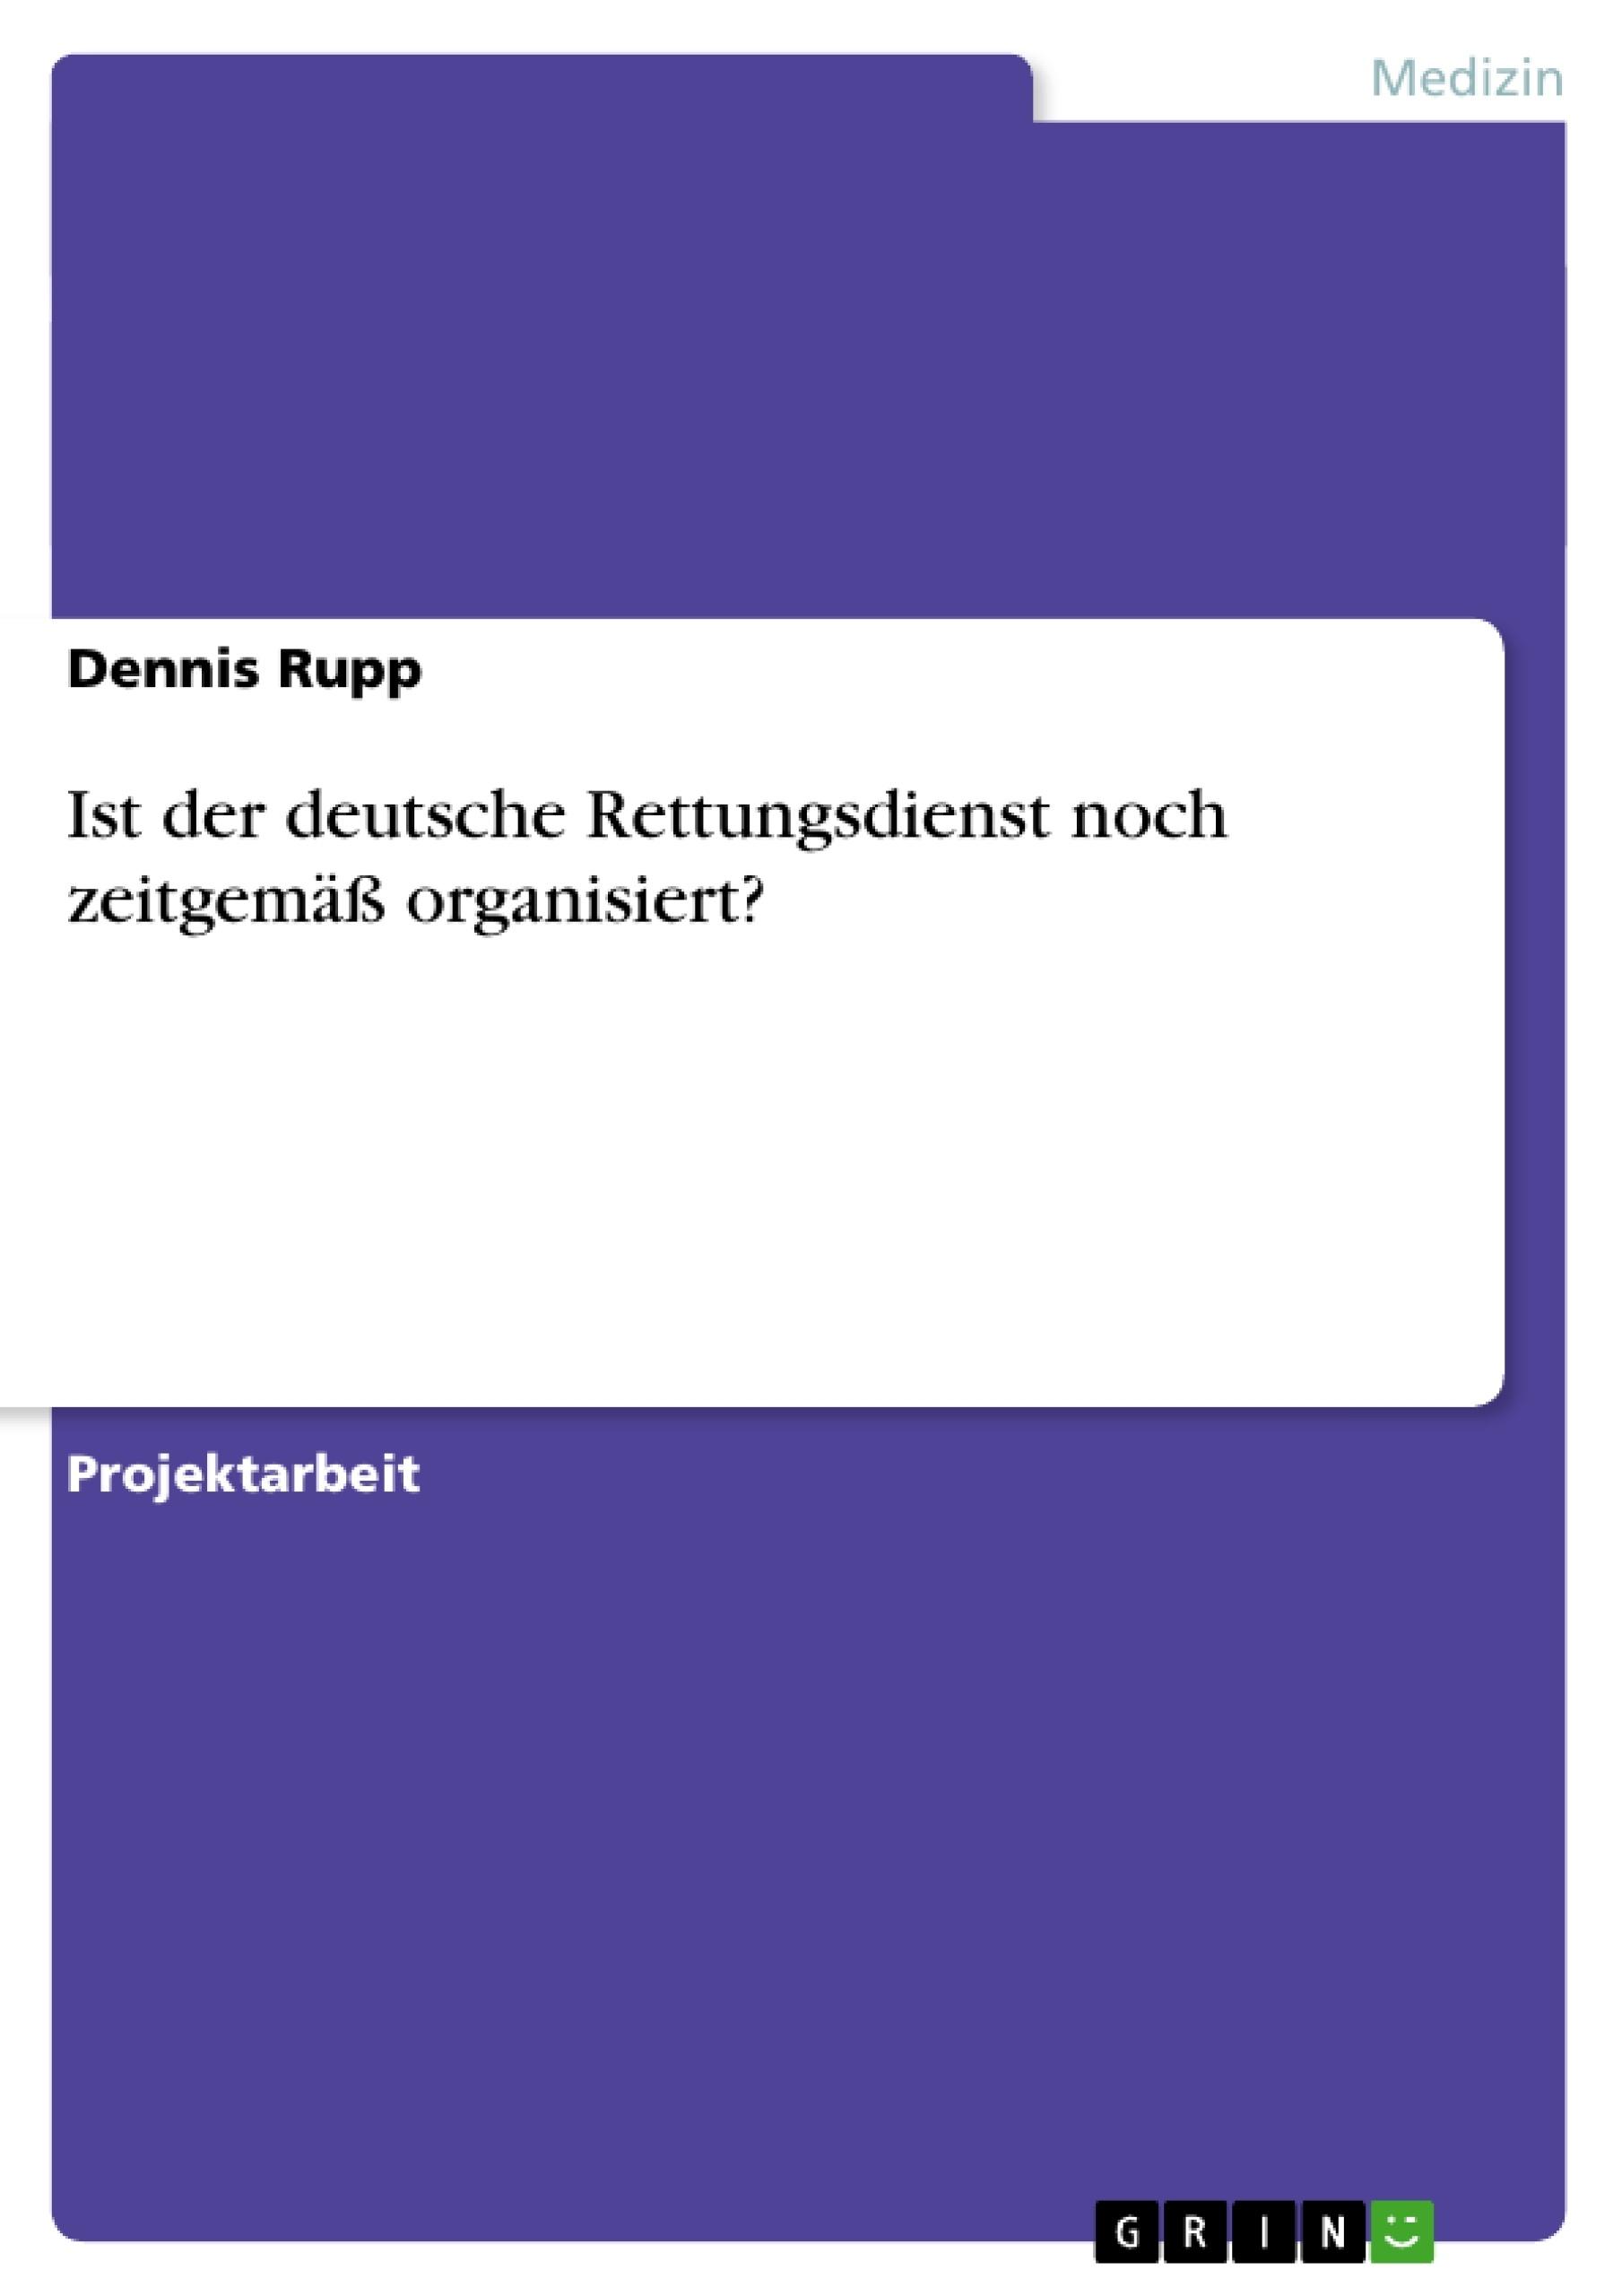 Titel: Ist der deutsche Rettungsdienst noch zeitgemäß organisiert?